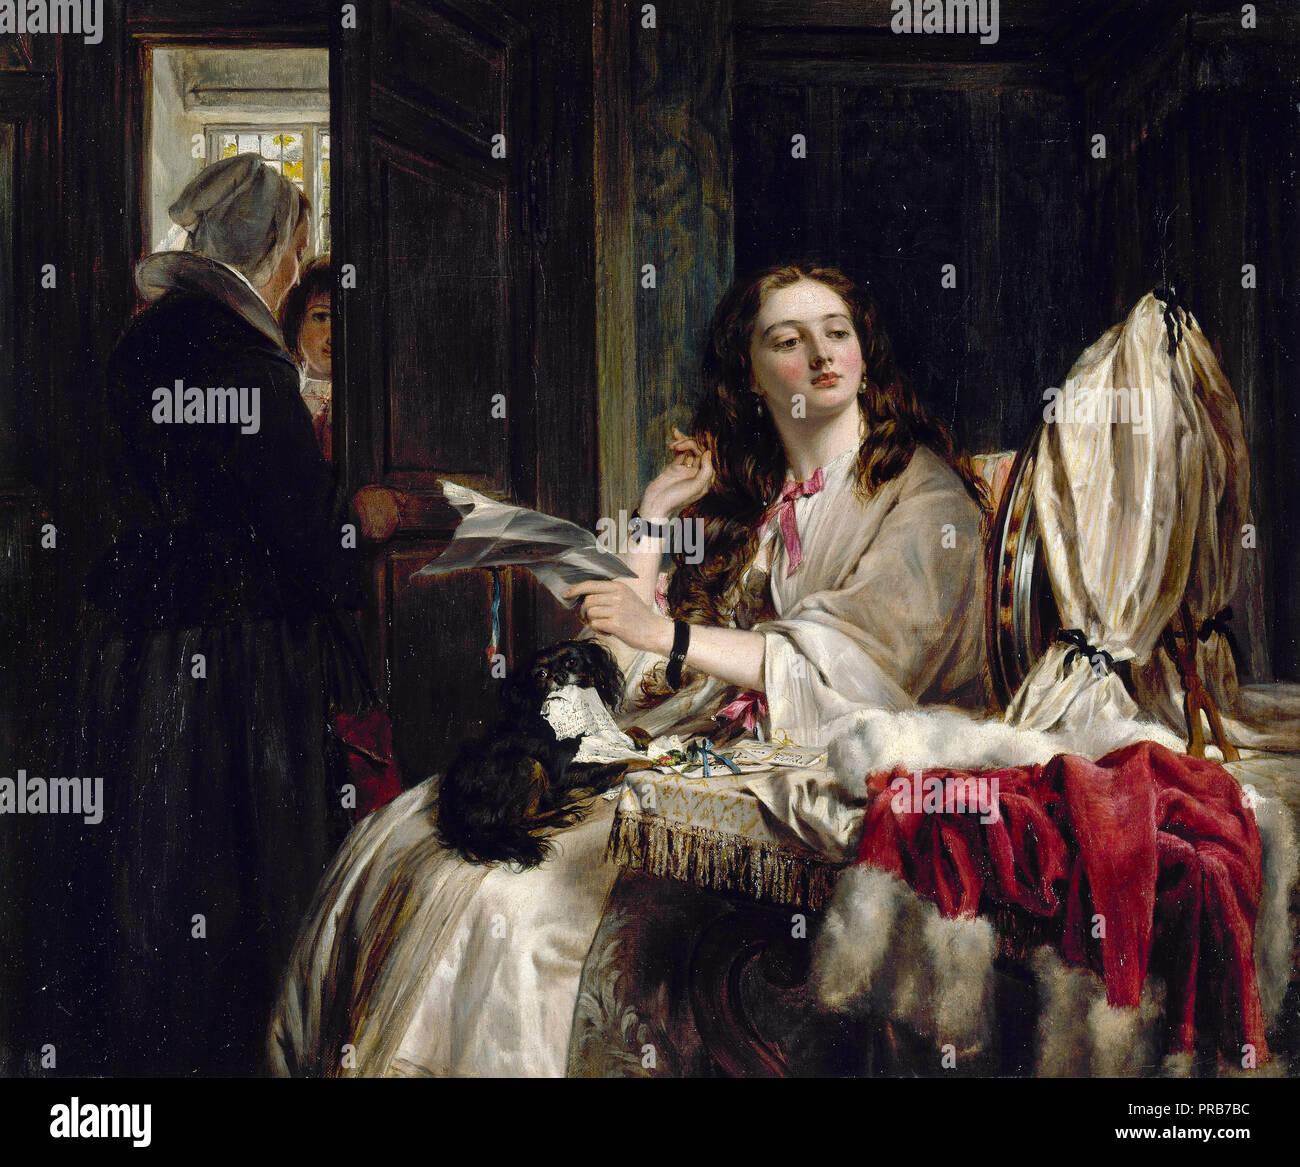 John Callcott Horsley, Morning of St Valentine 1865, Oil on canvas, Walker Art Gallery, Liverpool, England. - Stock Image